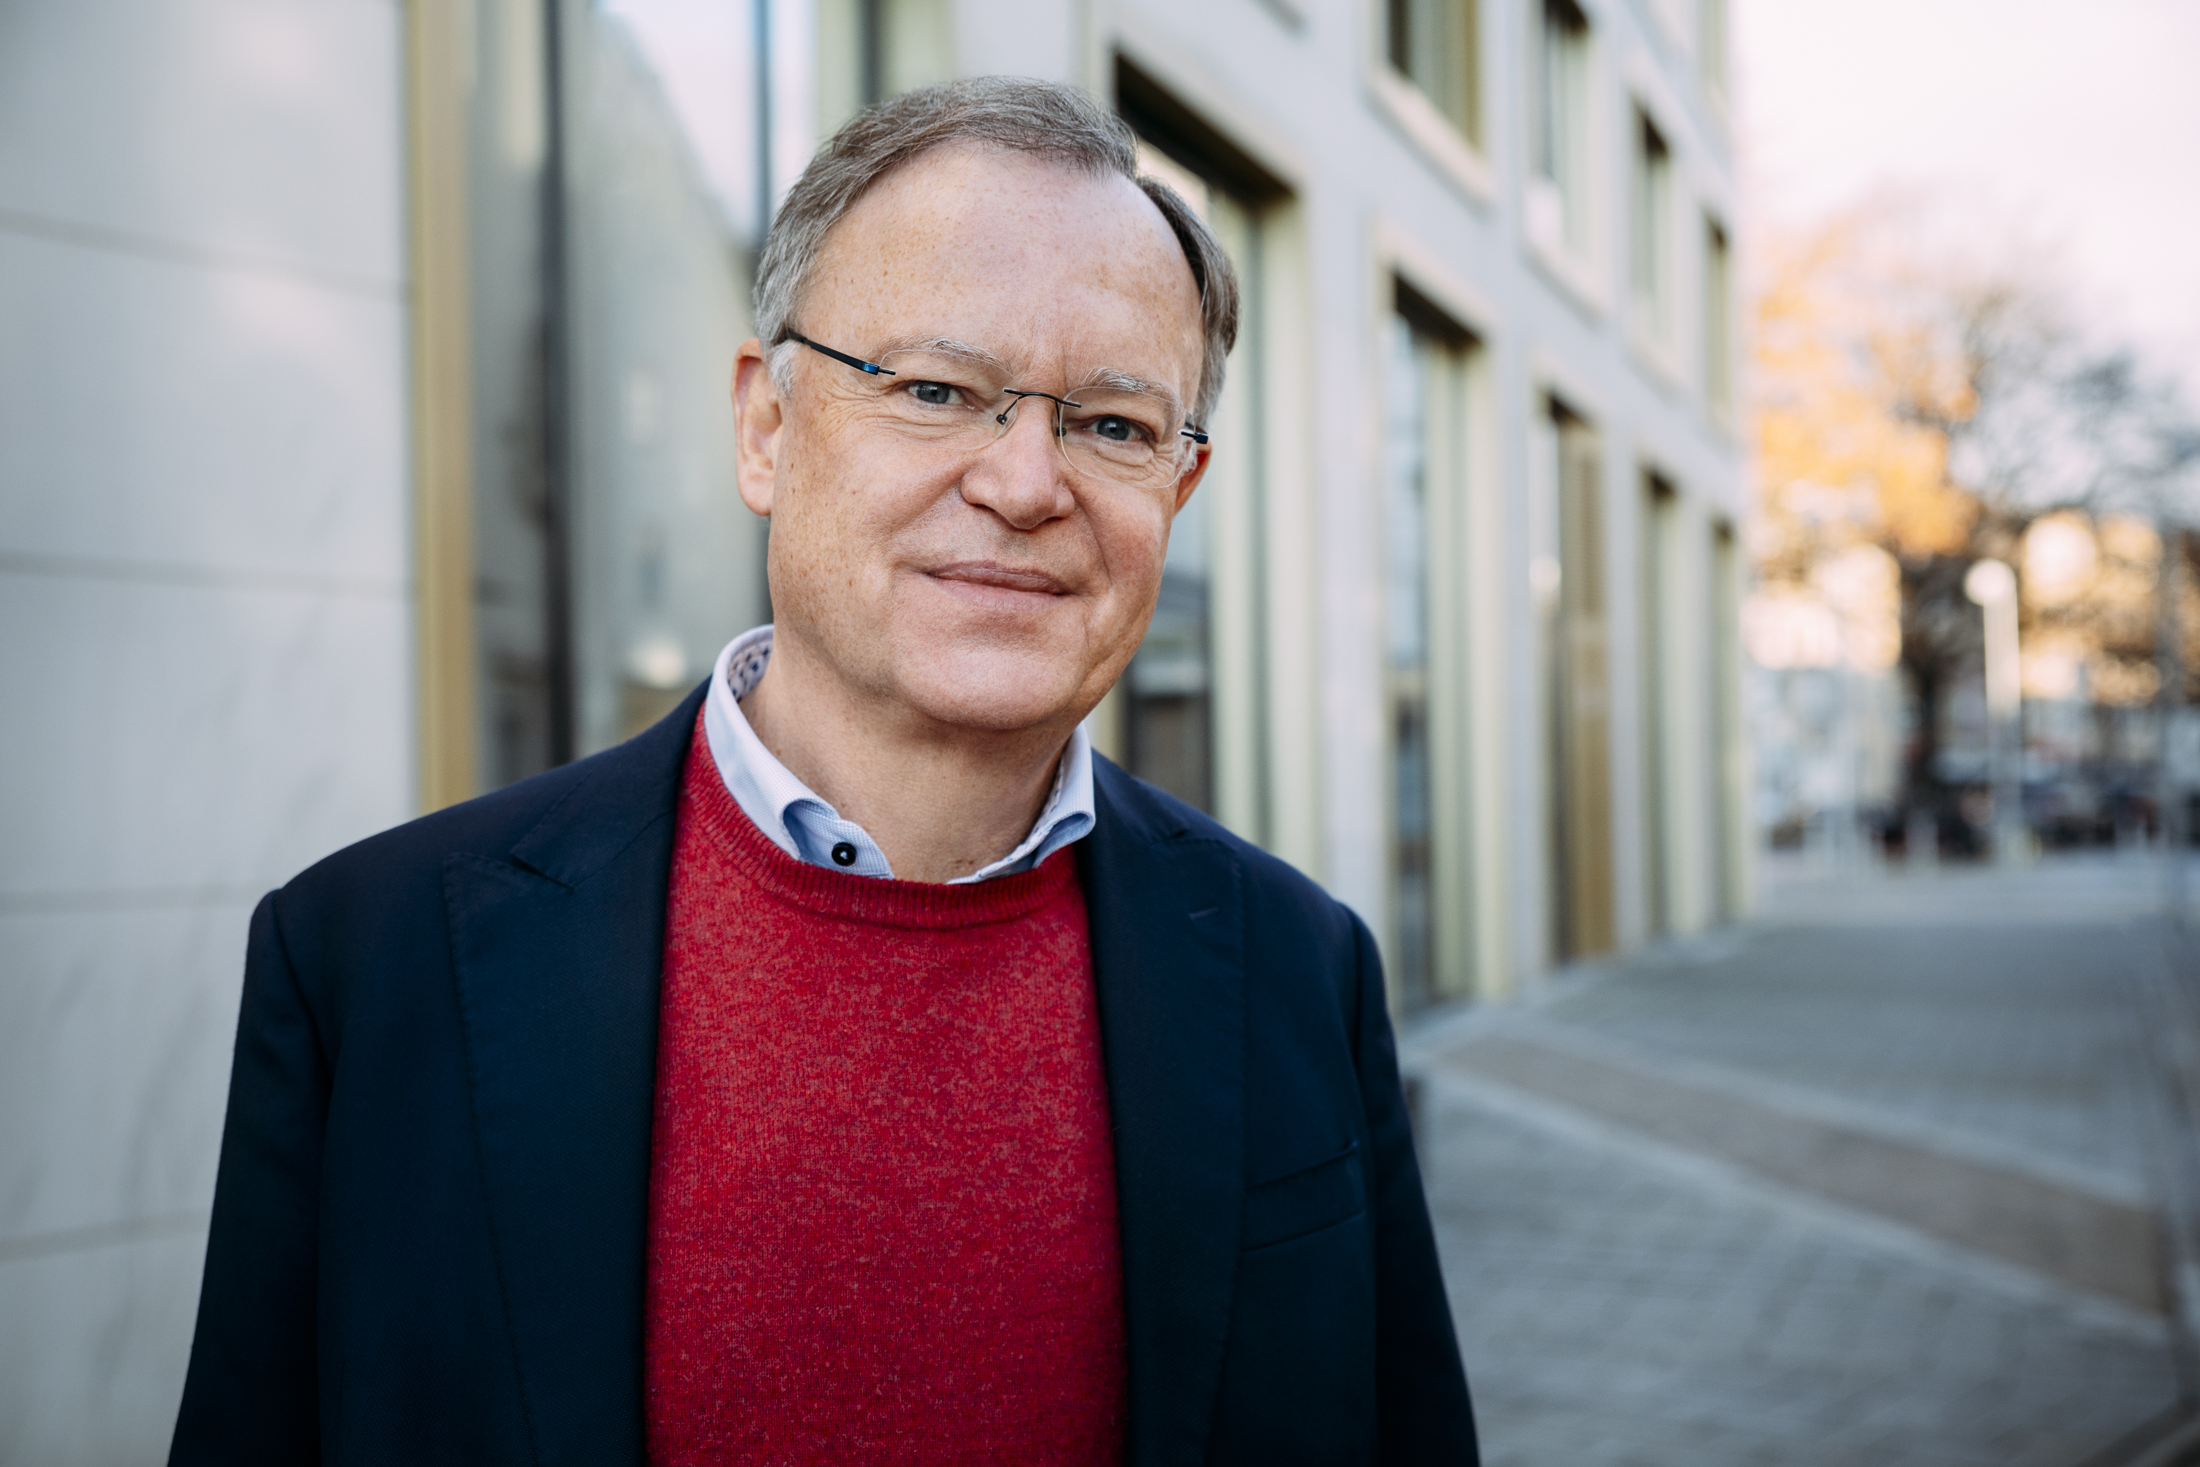 Portrait von Stephan Weil